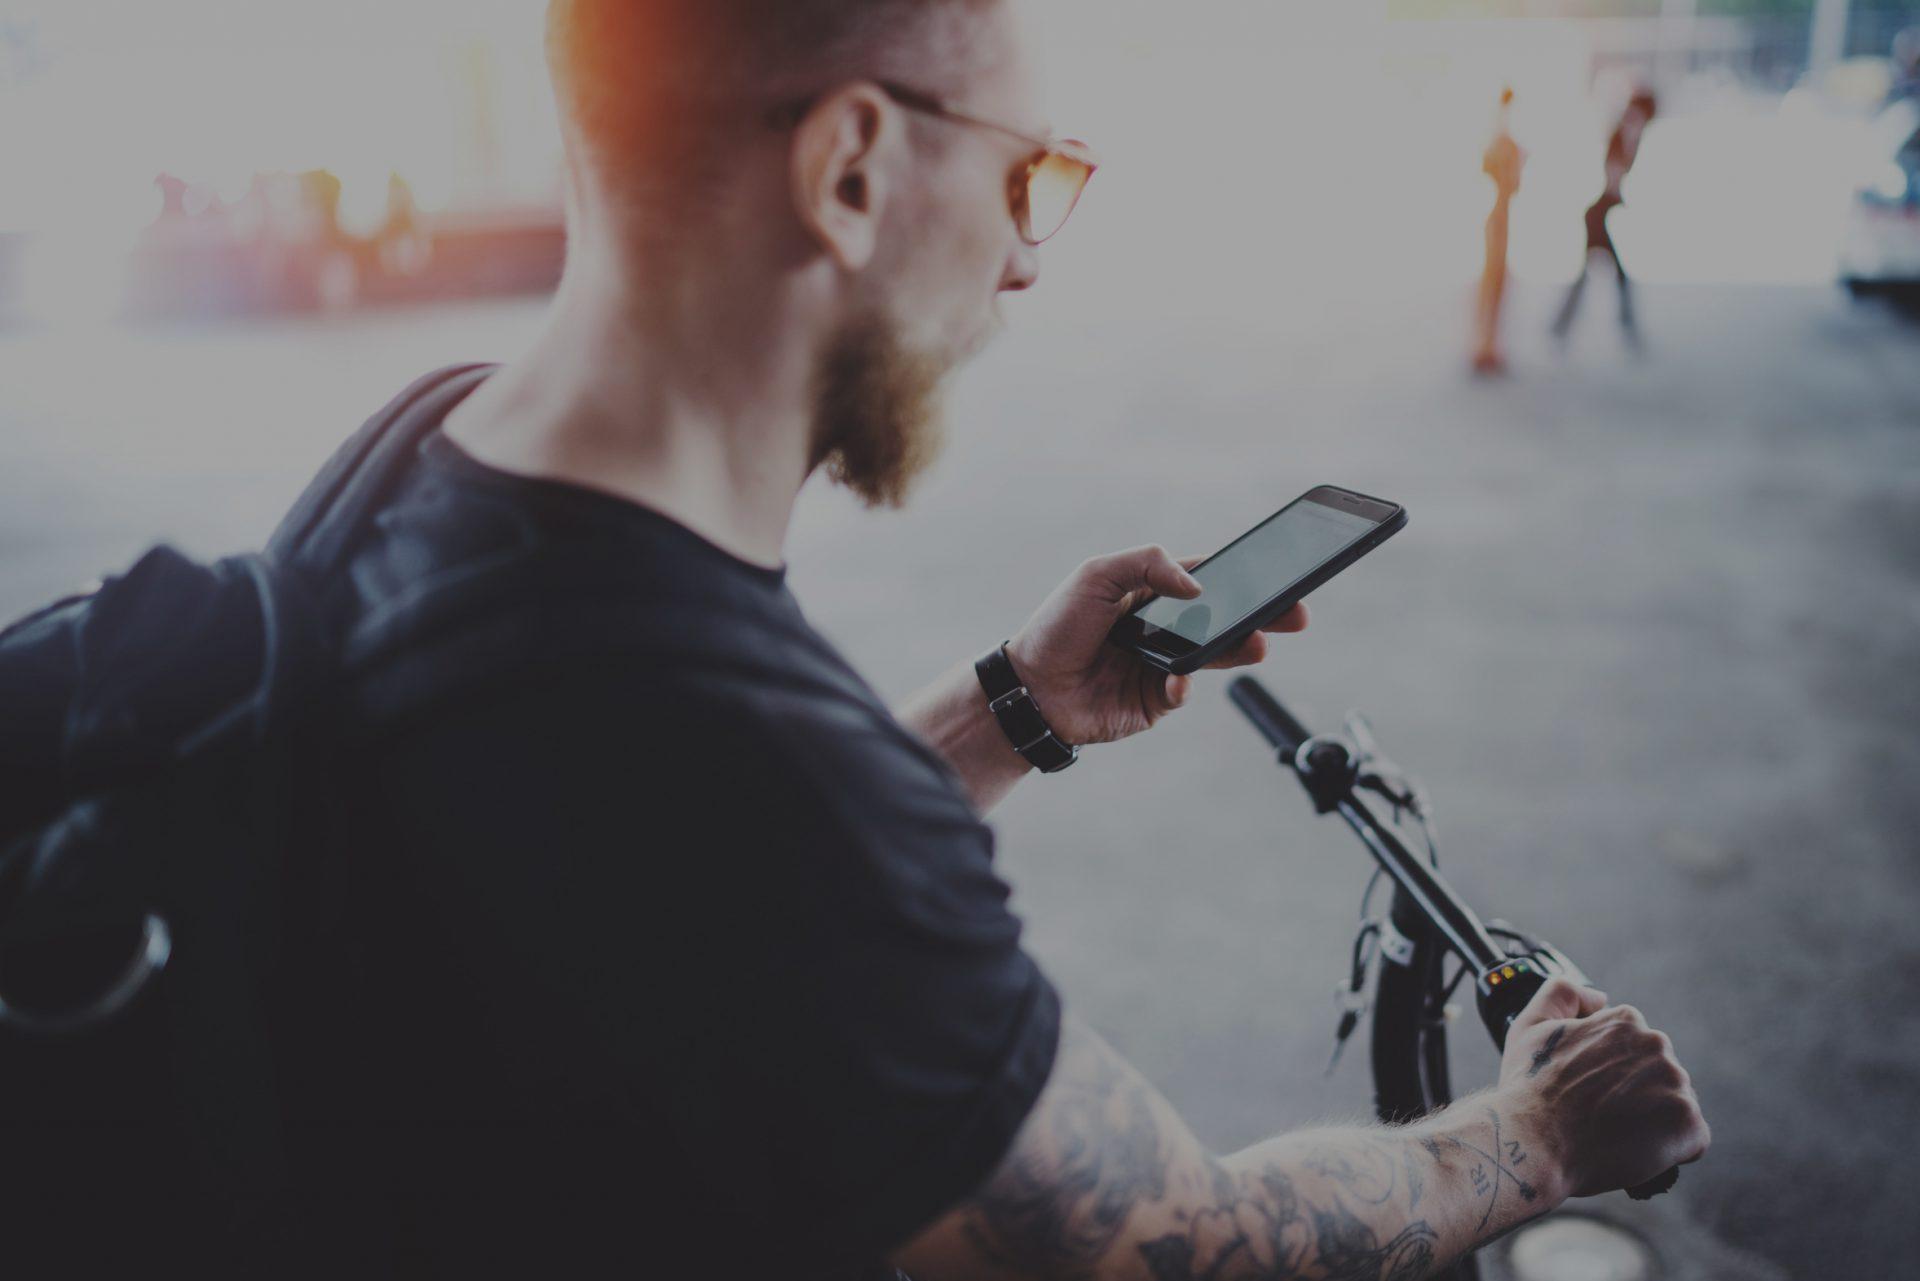 Mann unterwegs mit einem E-Scooter und Handy in der Hand